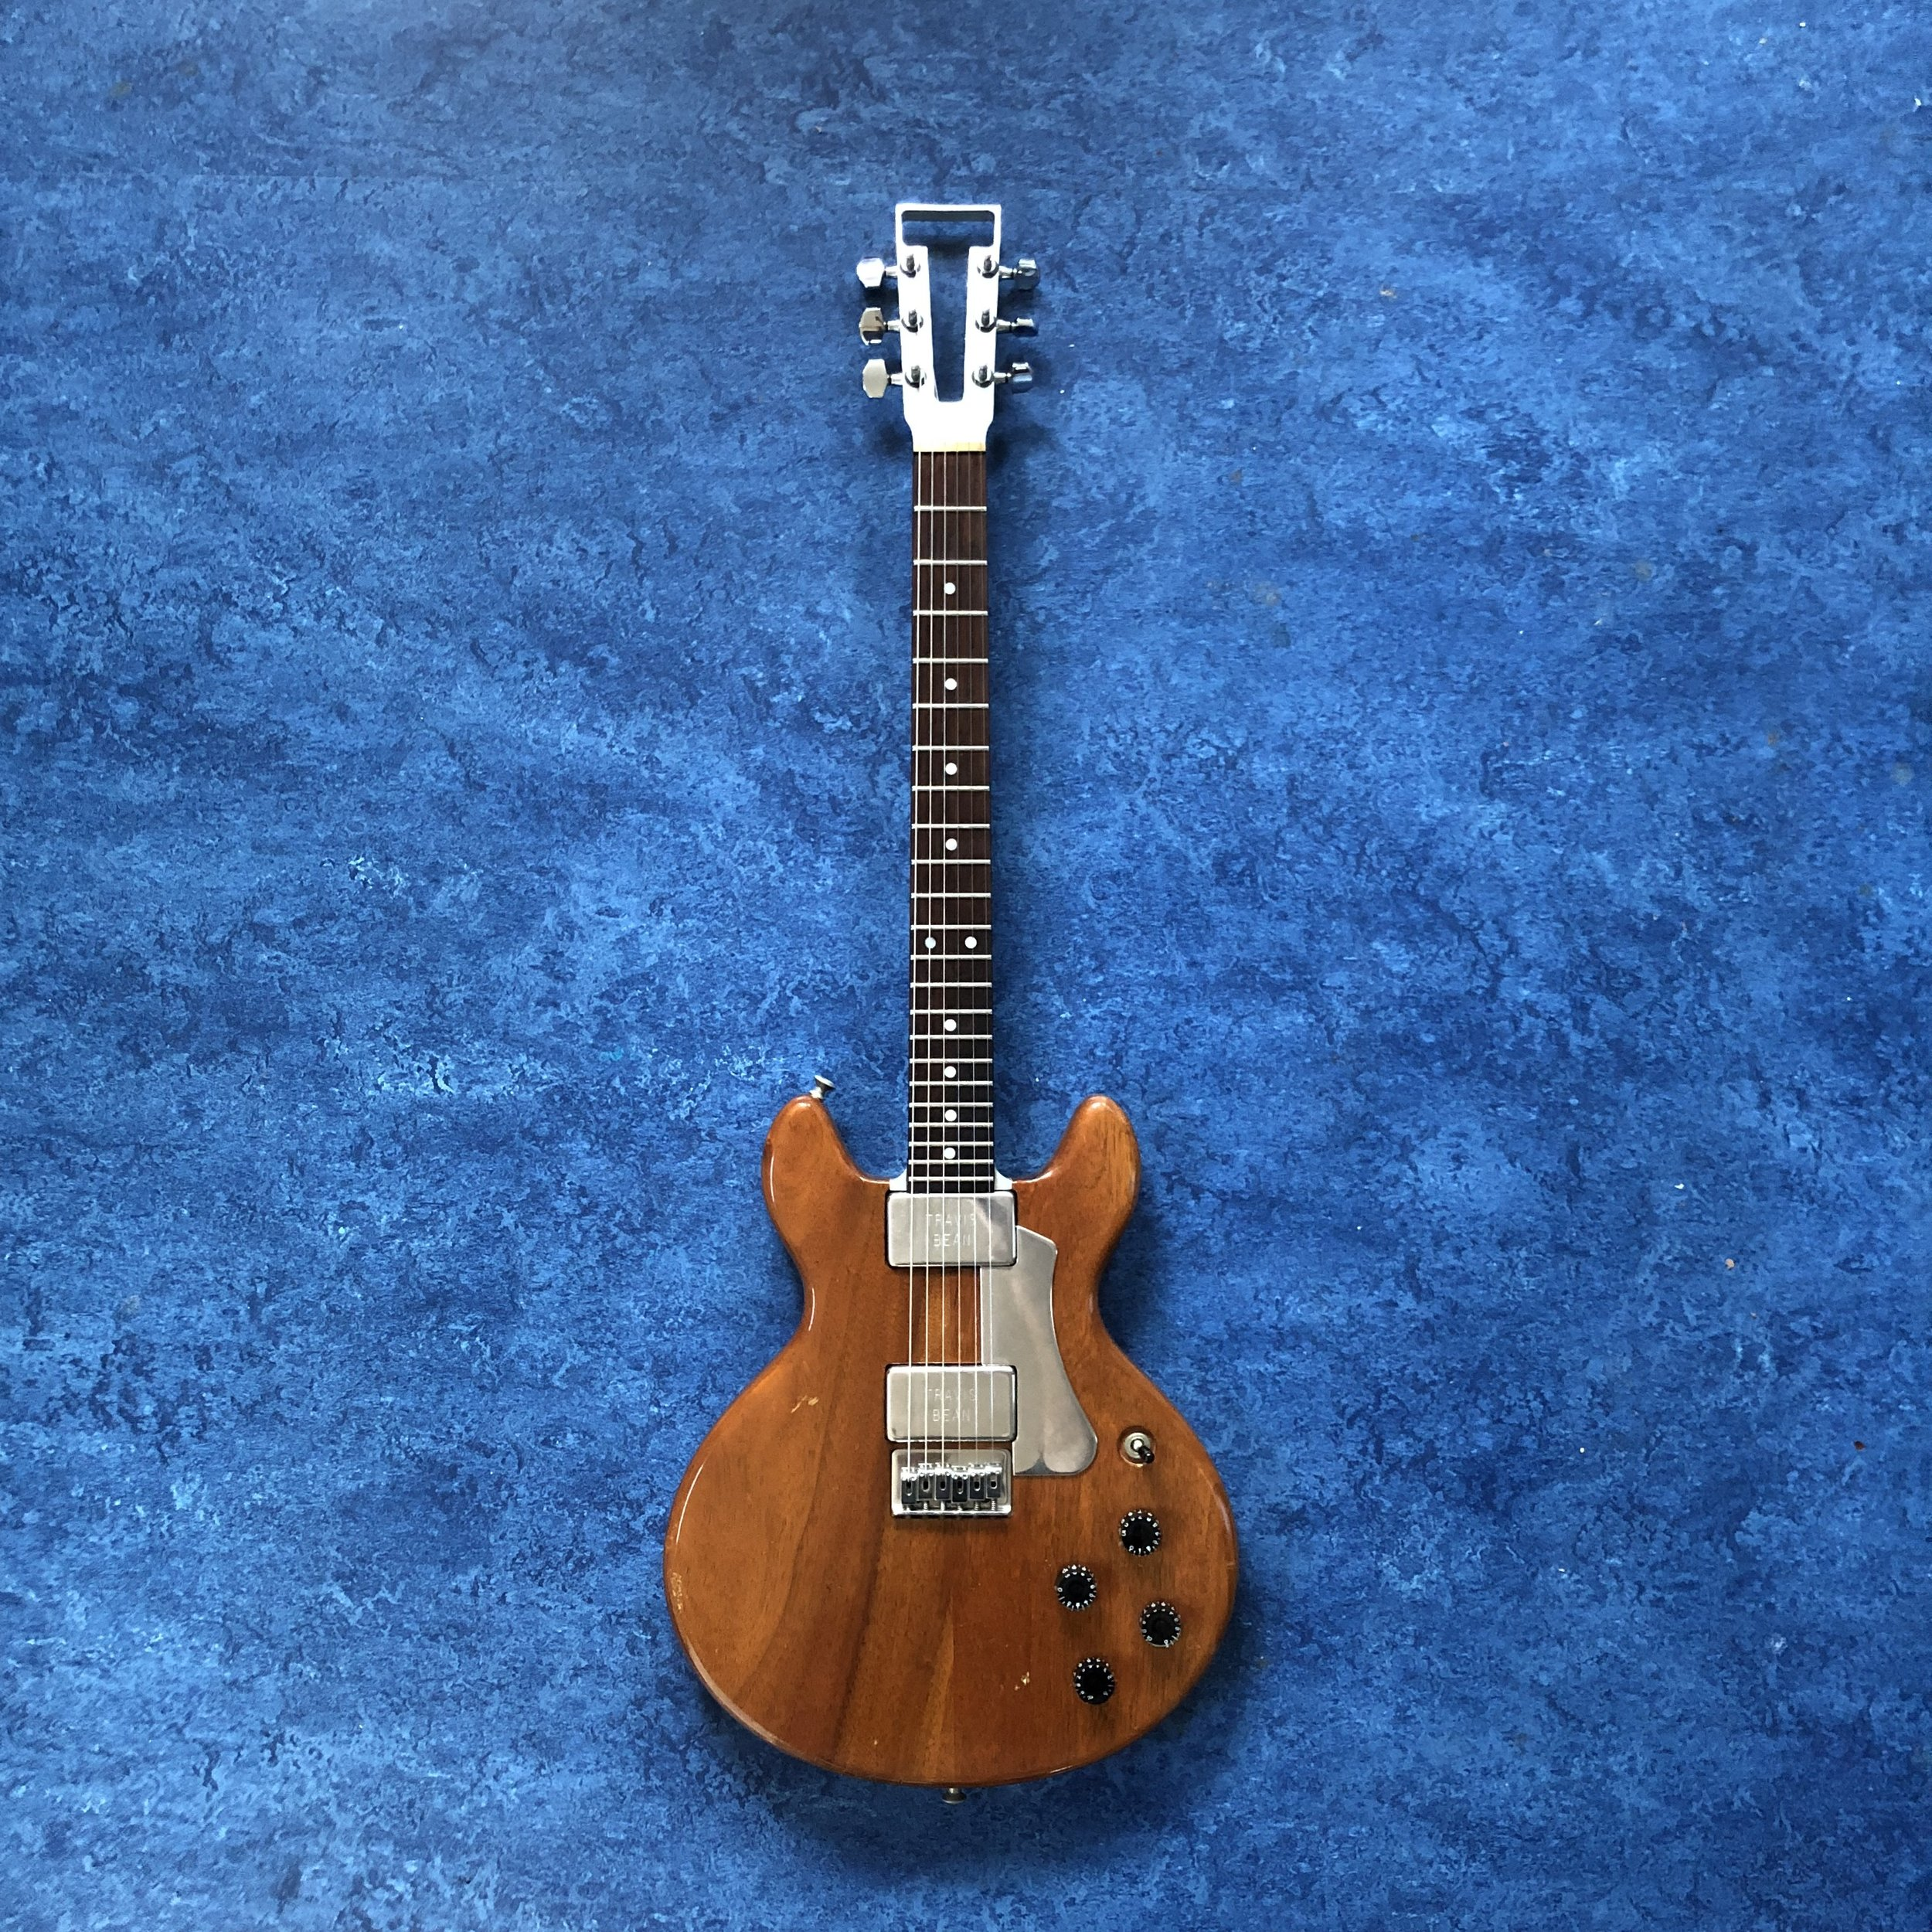 travis-bean-guitar.jpg